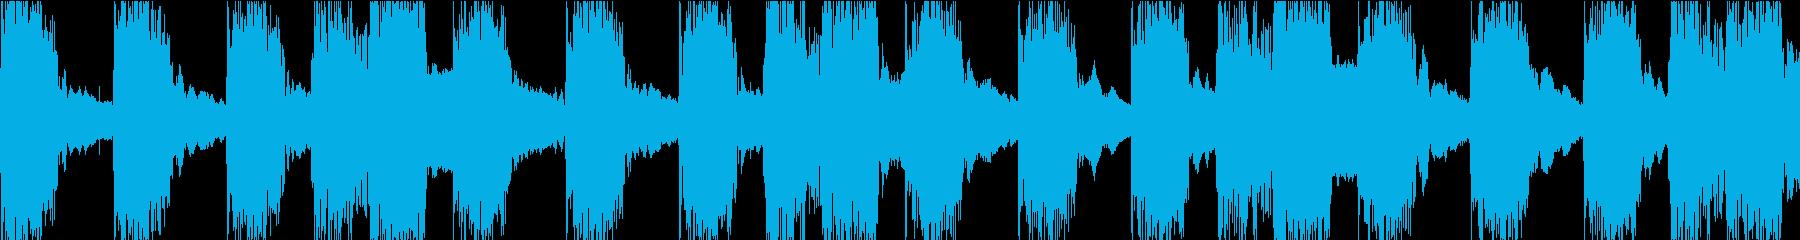 ケロケロフロッグデンデンリズムループ素材の再生済みの波形